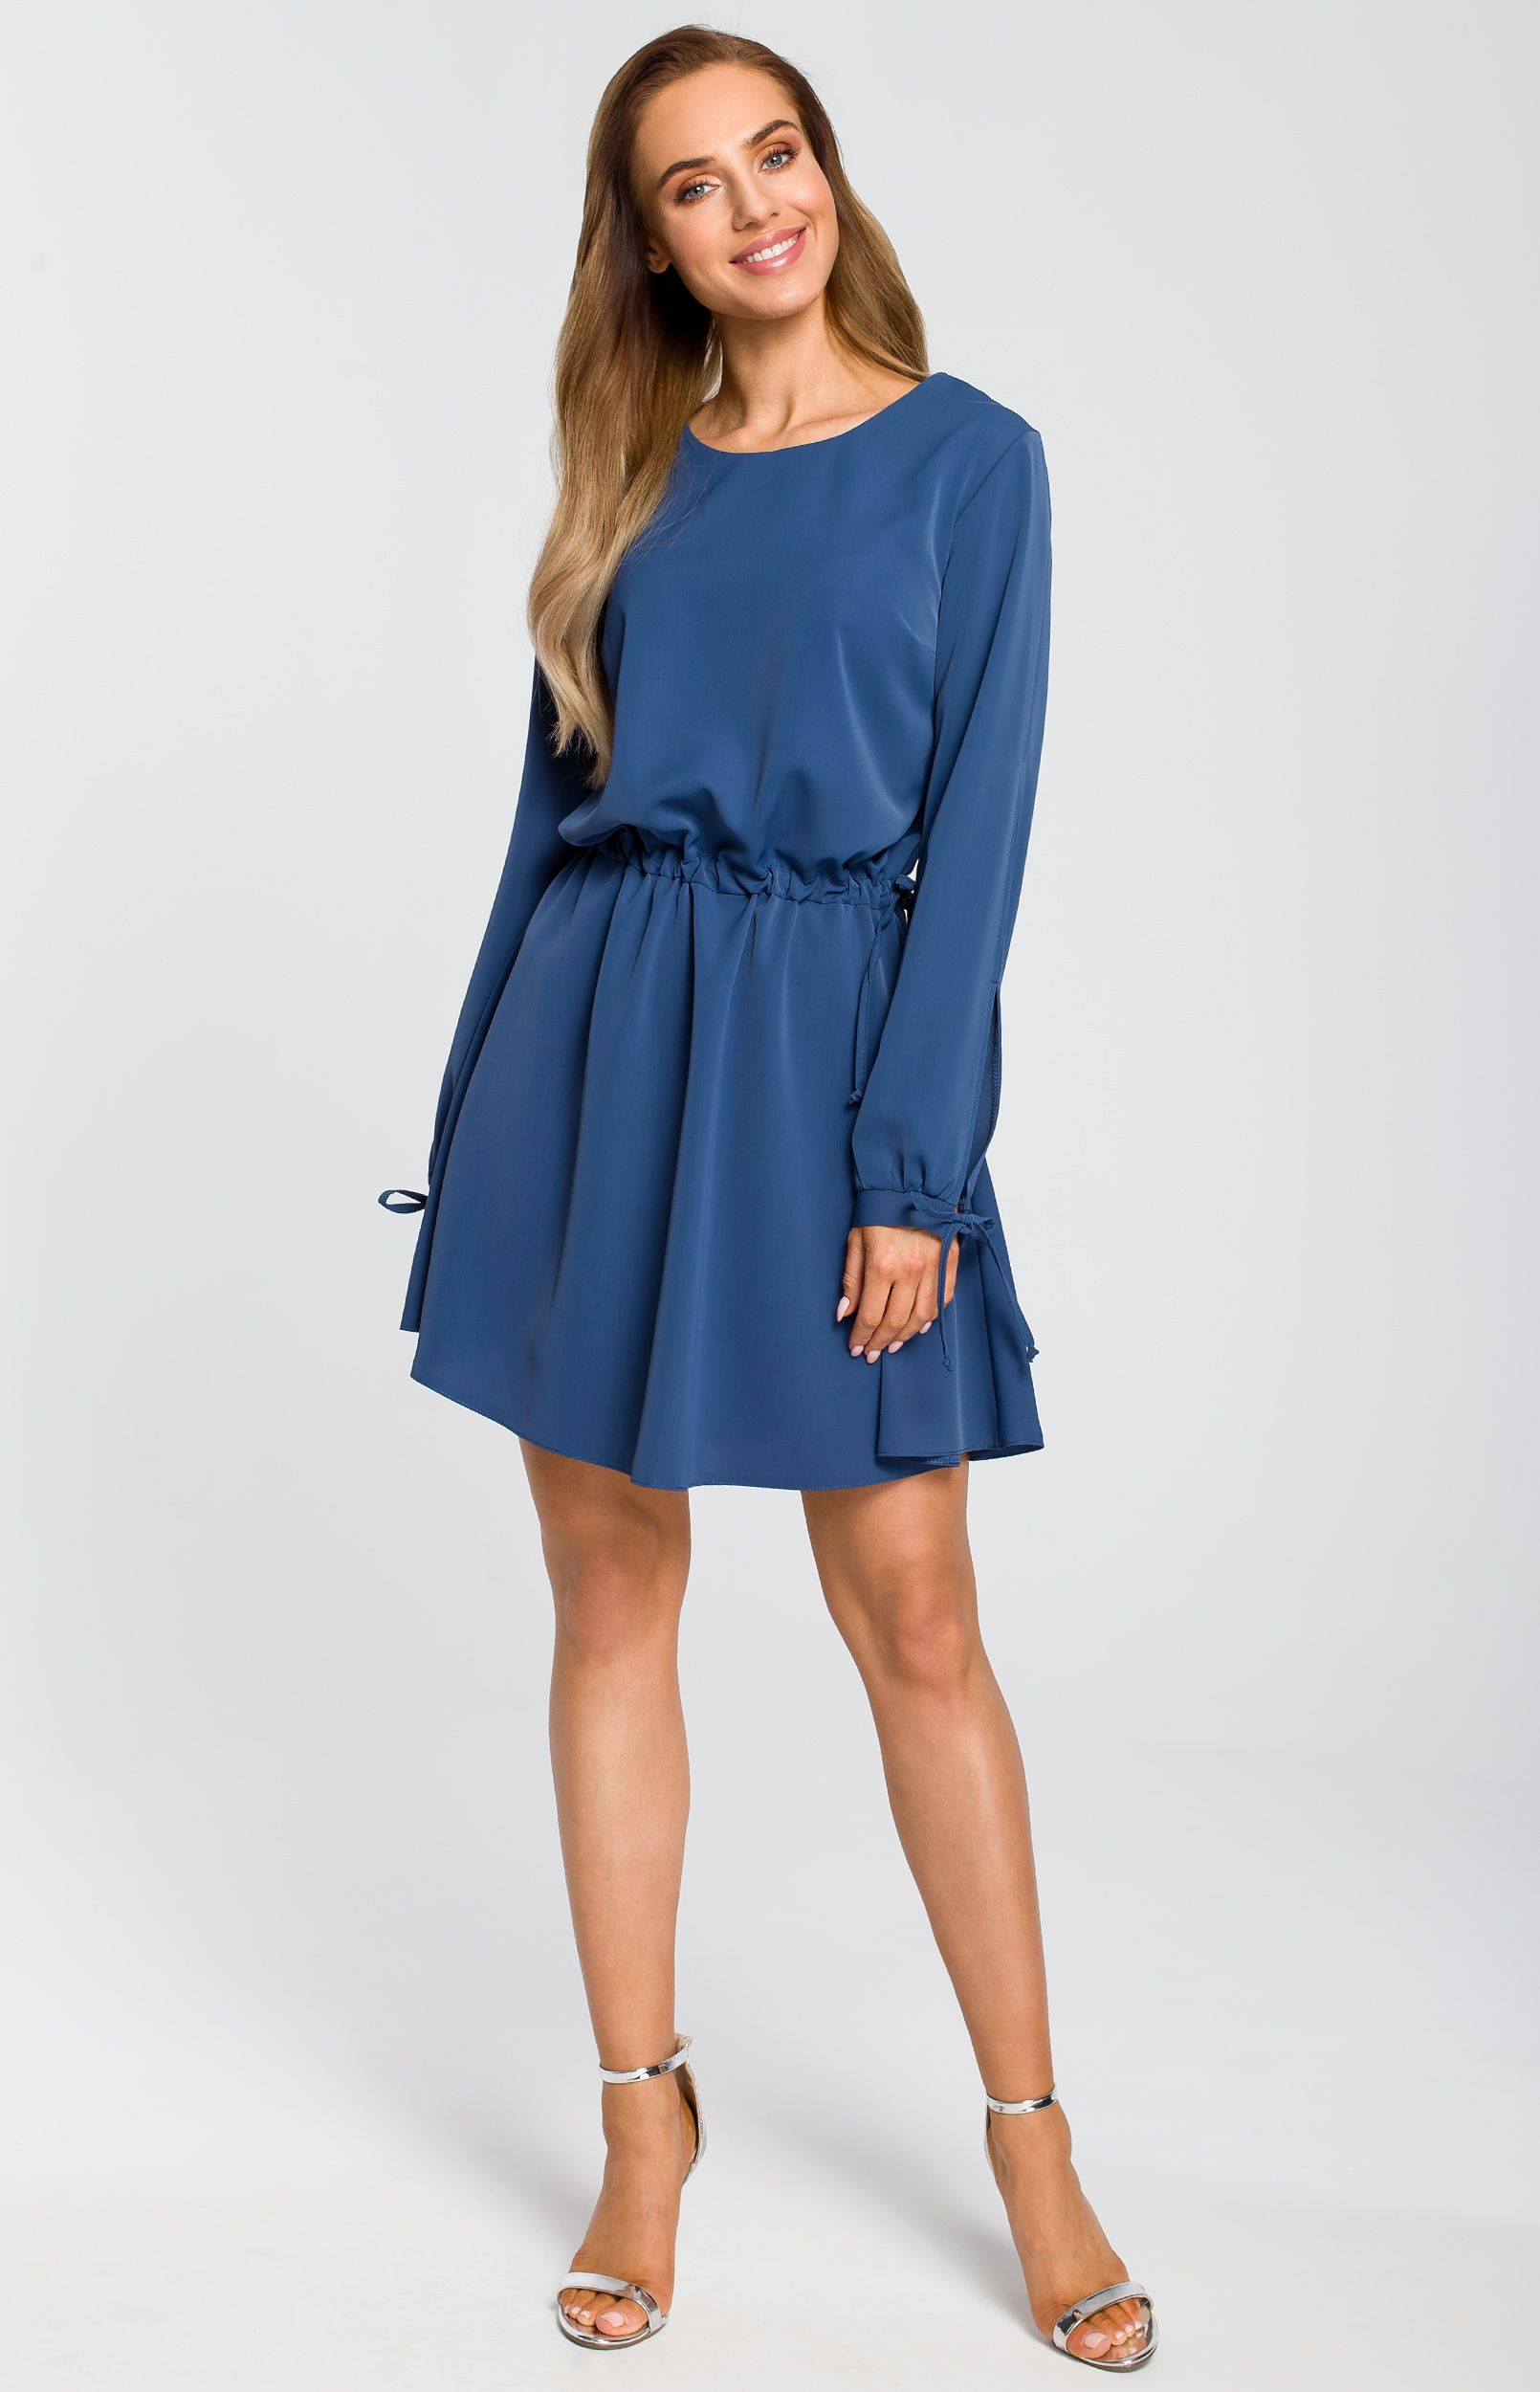 979d1ad5c6f Robe style Boho bleue Made of Emotion ME426B   idresstocode ...